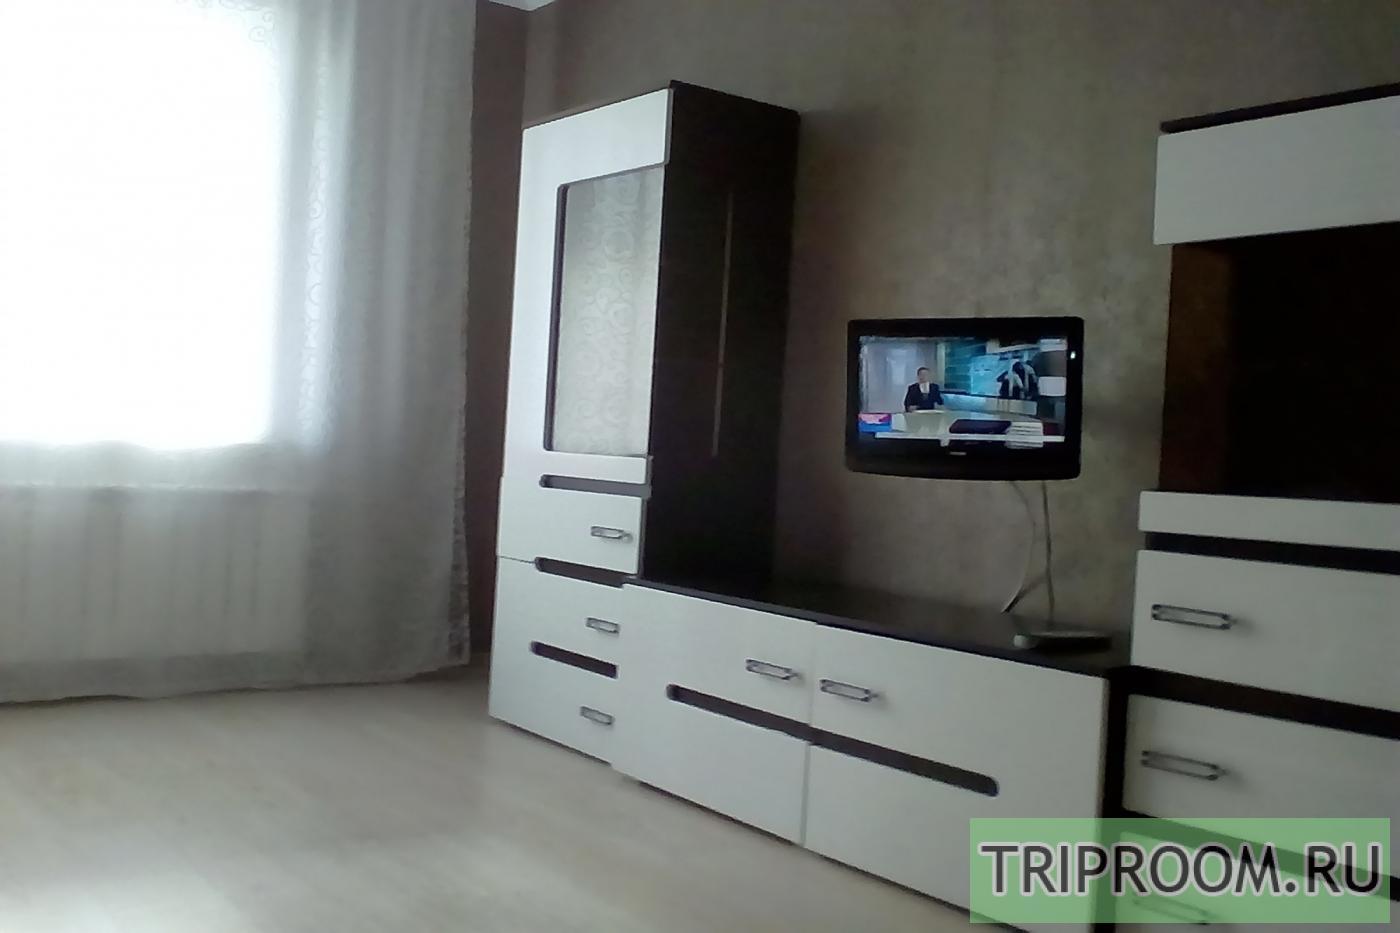 1-комнатная квартира посуточно (вариант № 33410), ул. Ворошилова улица, фото № 6